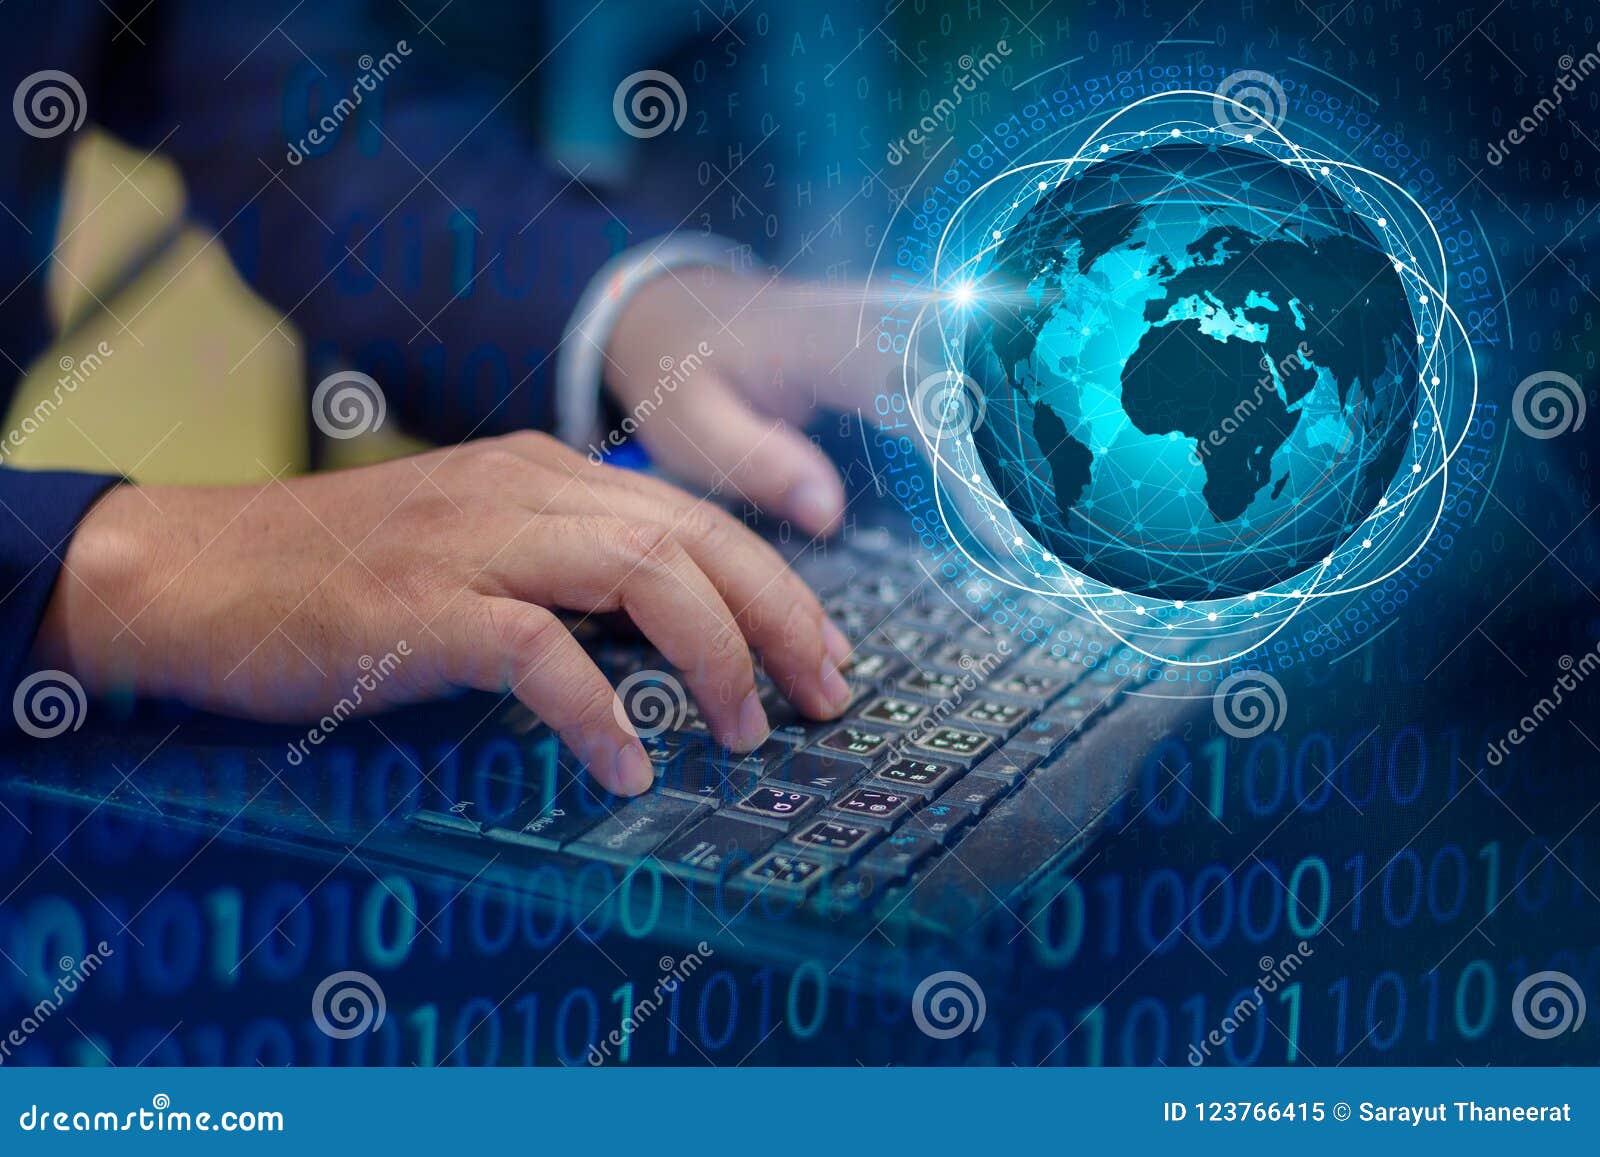 按进入在计算机上的按钮 企业后勤学通讯网络世界地图传送信息连接keyboar全世界的手